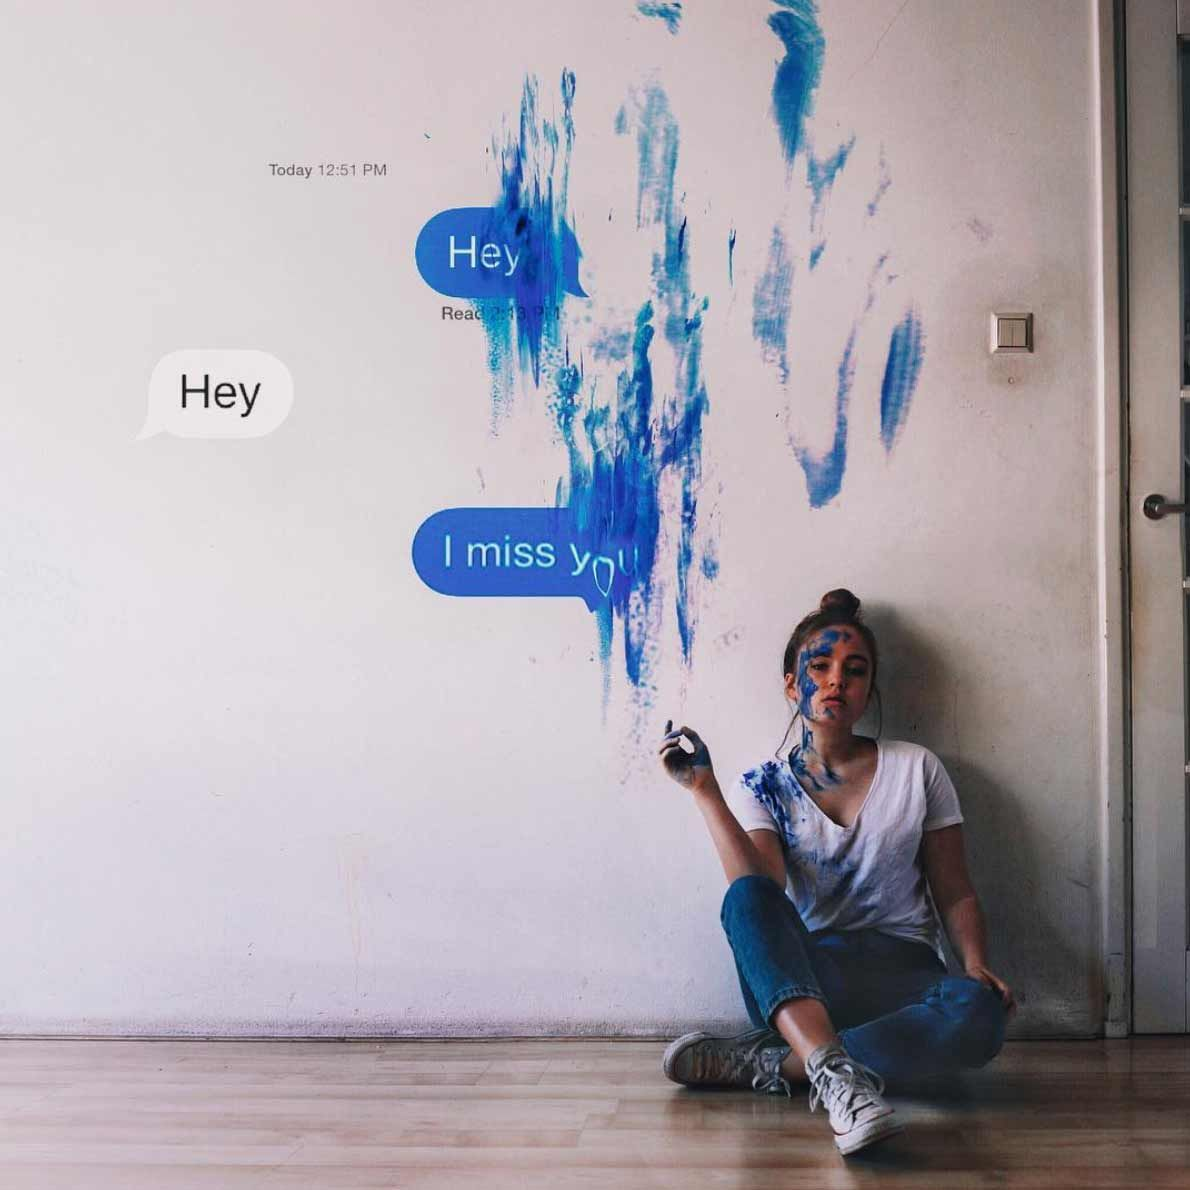 Tumblr Hintergrundbilder Iphone – Schöne Wallpaper für Handys. Schauen Sie sich einige Make-up-Tipps an